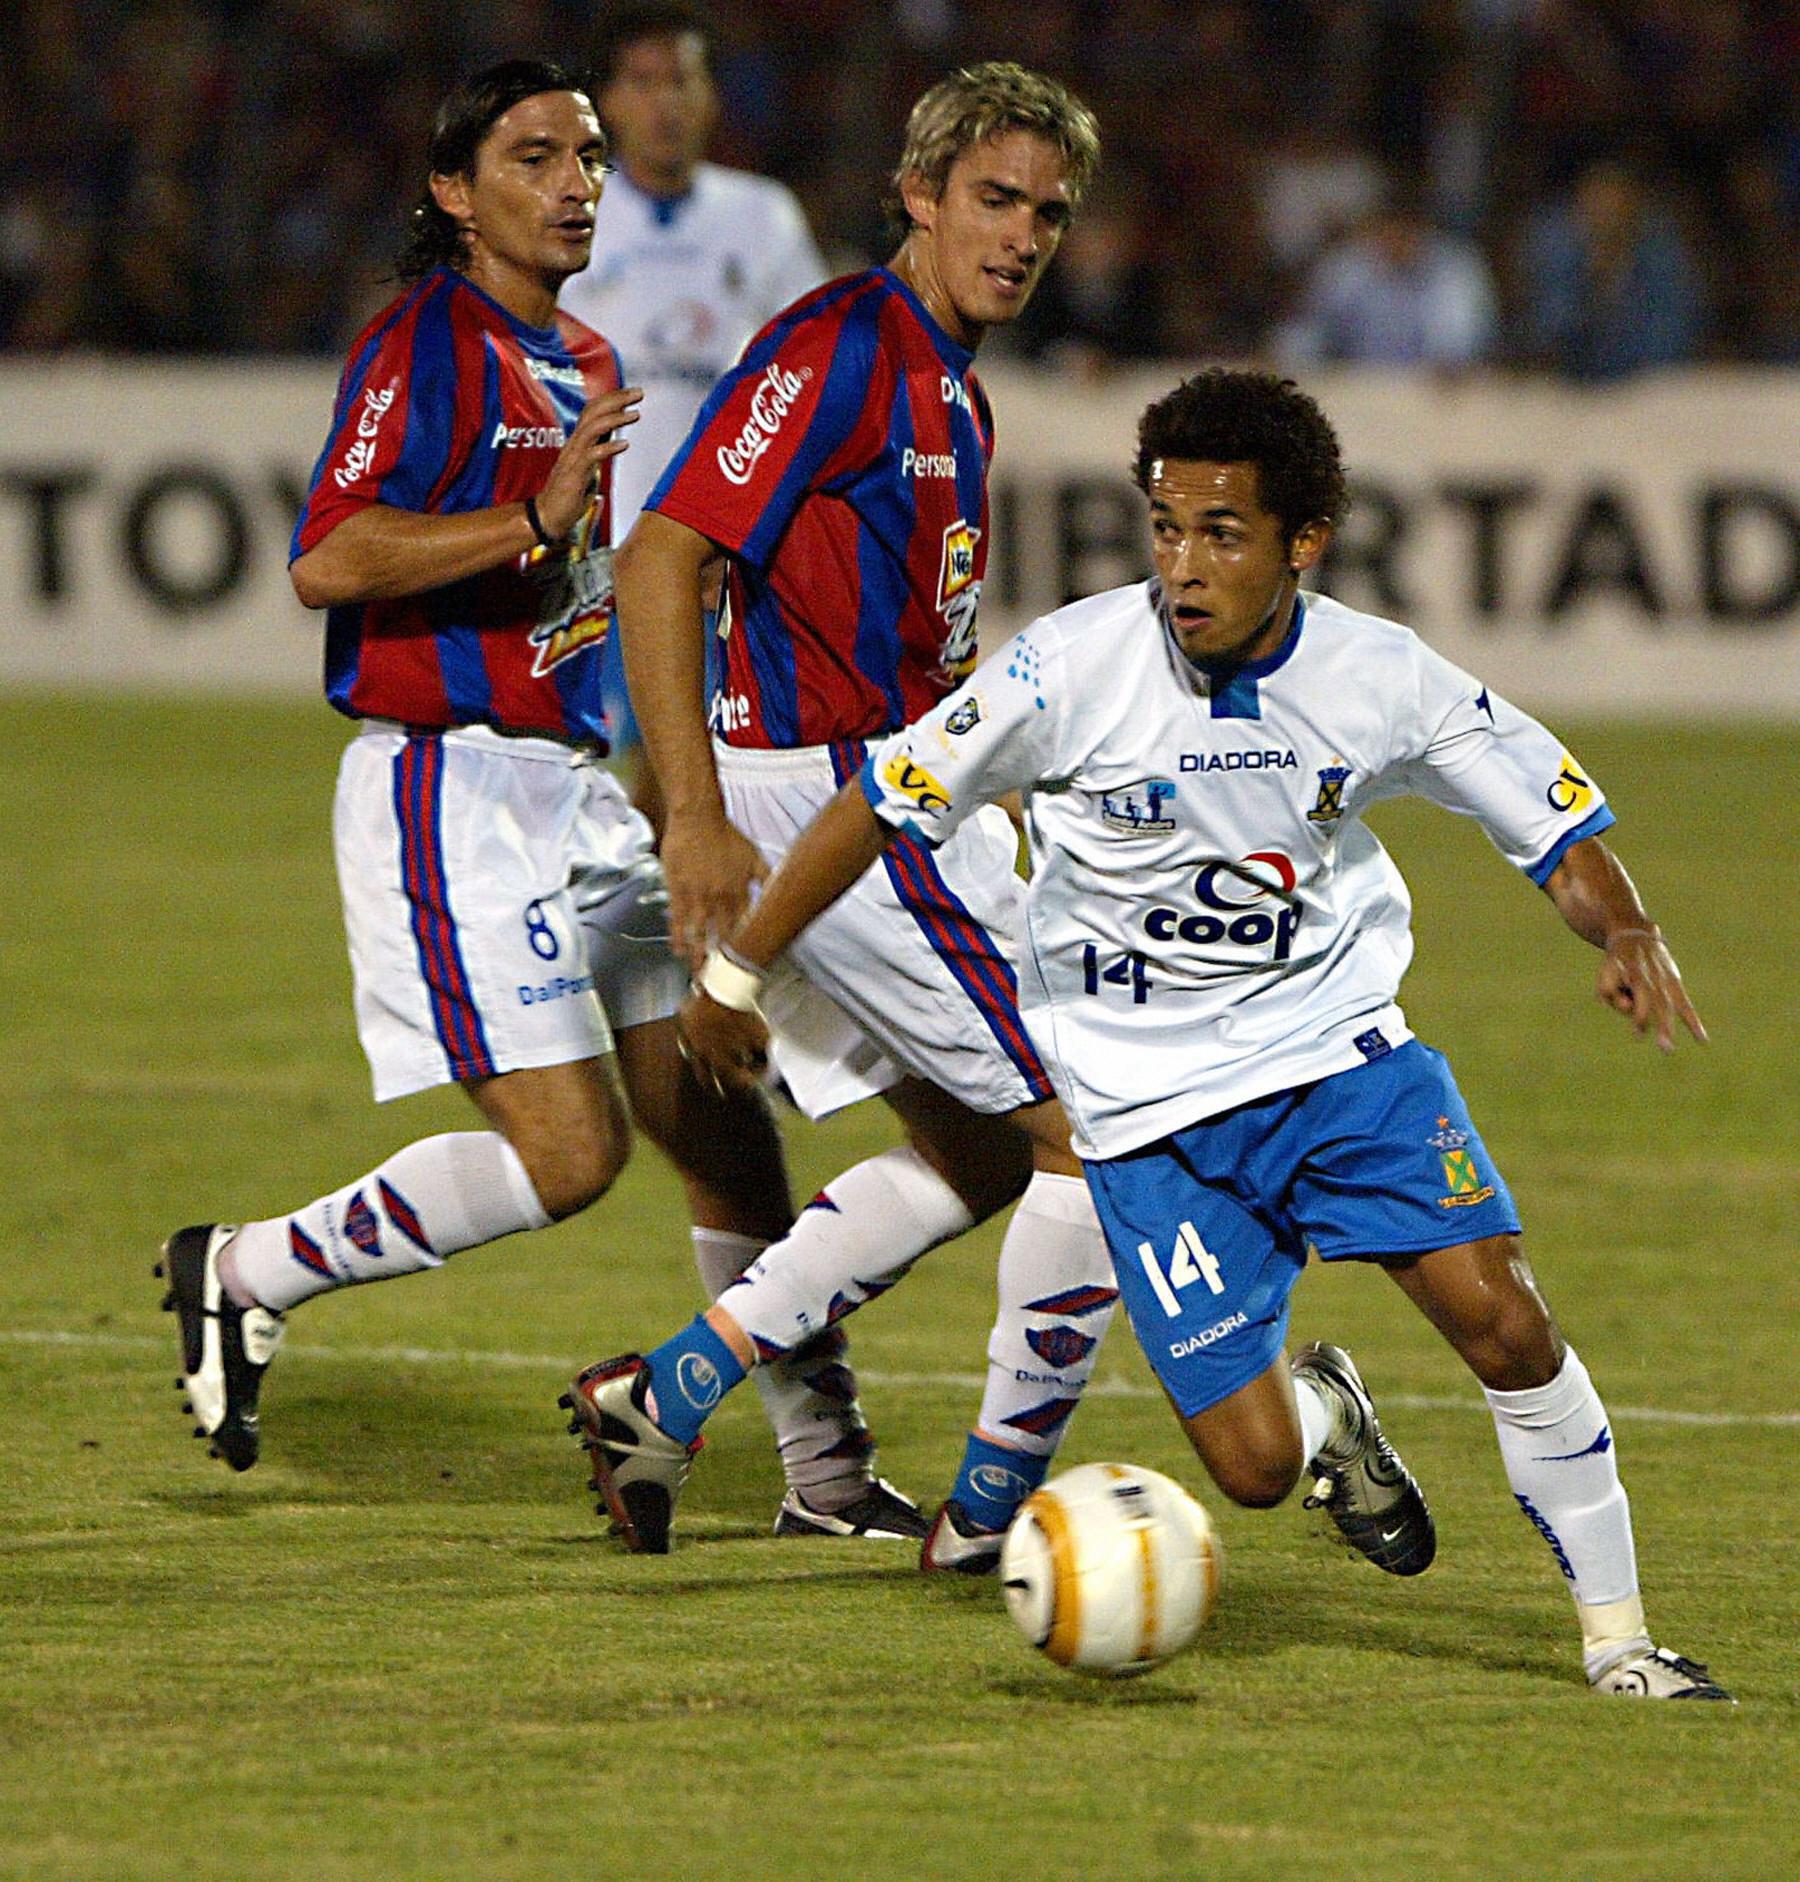 Copa Libertadores 2005 Santo André